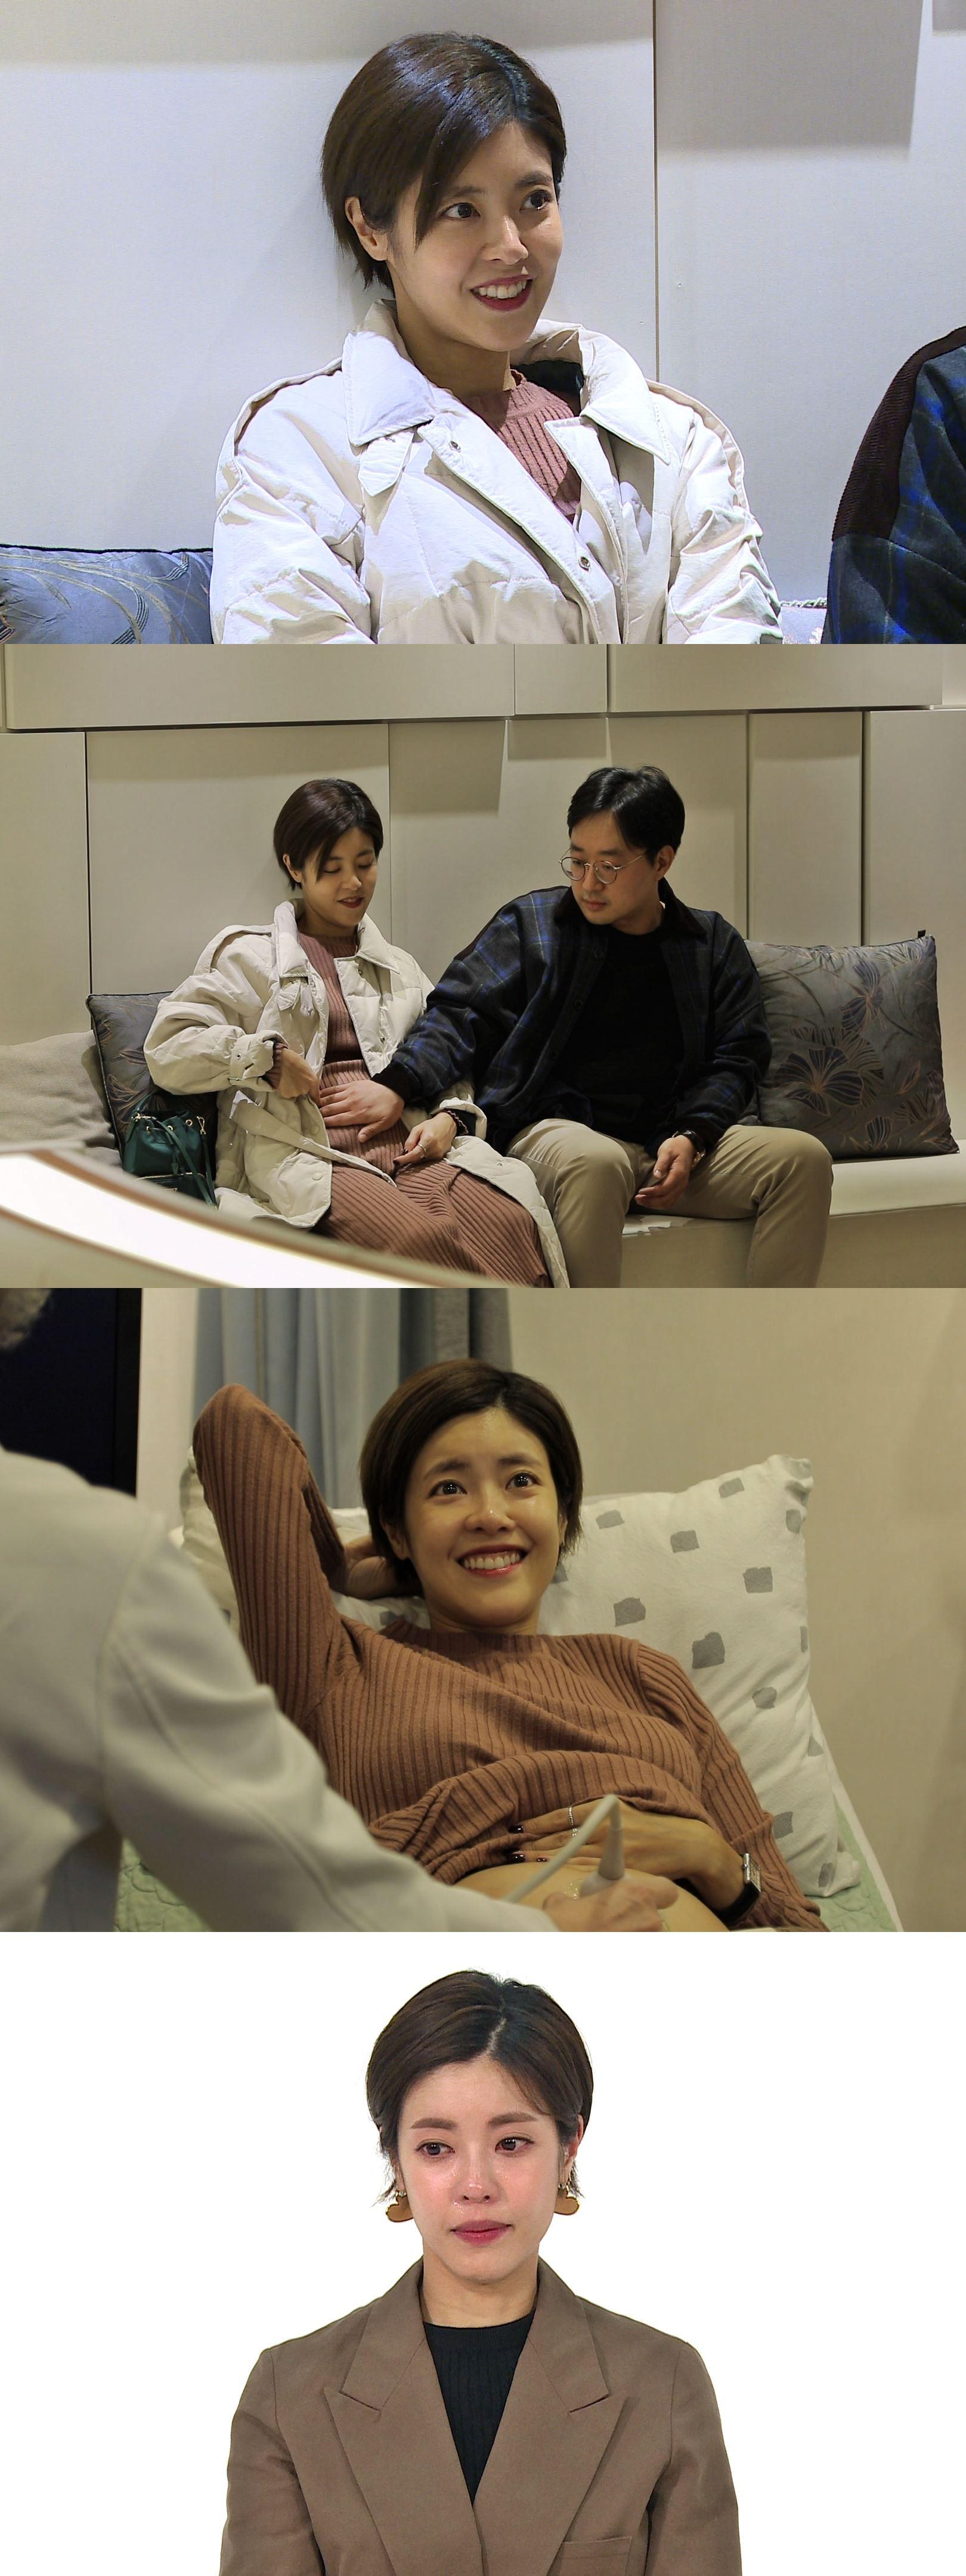 """이윤지, 둘째 임신 뒤늦게 공개한 이유 """"중간에 있던 일 때문"""""""